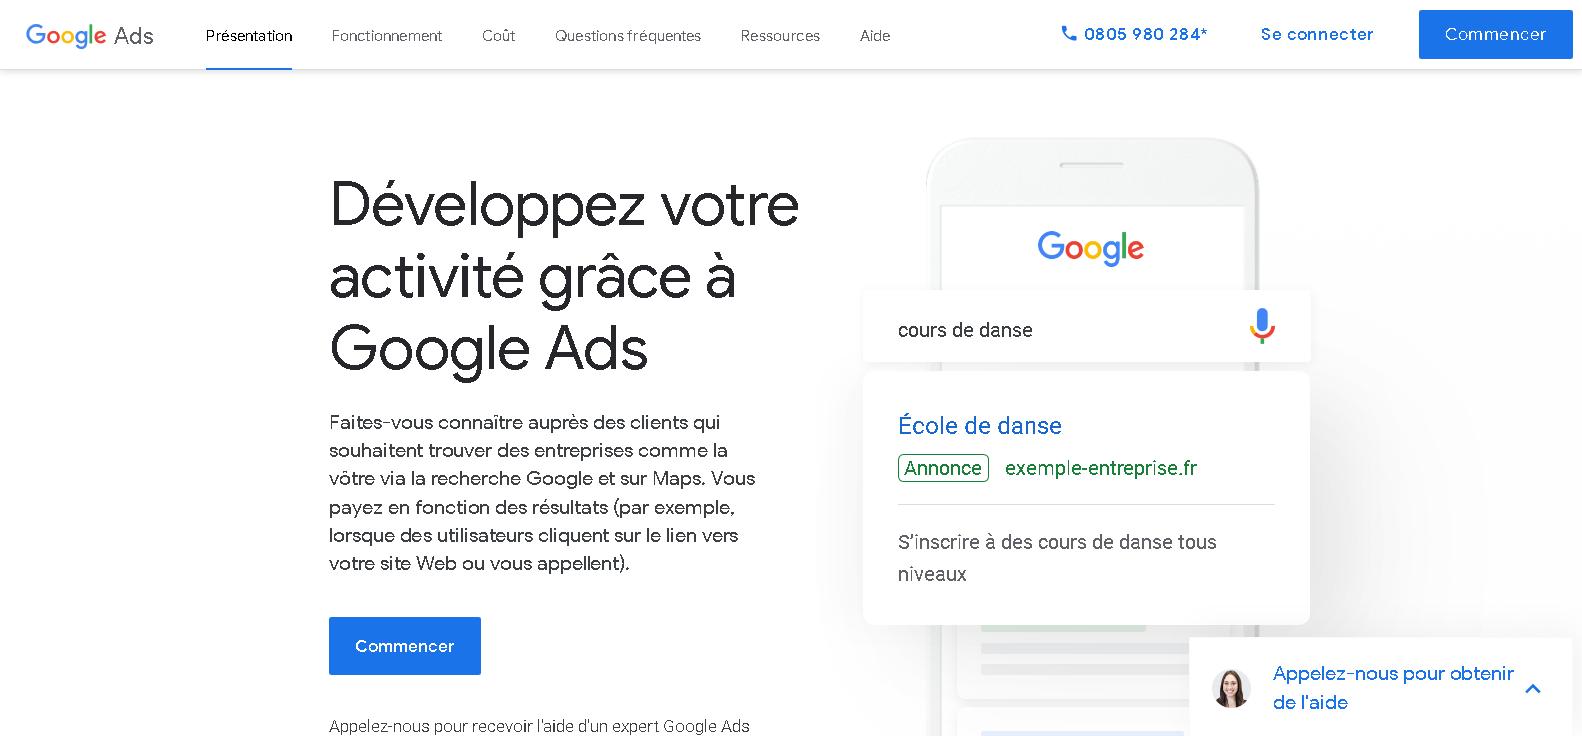 7 conseils pour lancer une campagne Google AdWords réussie en 2019